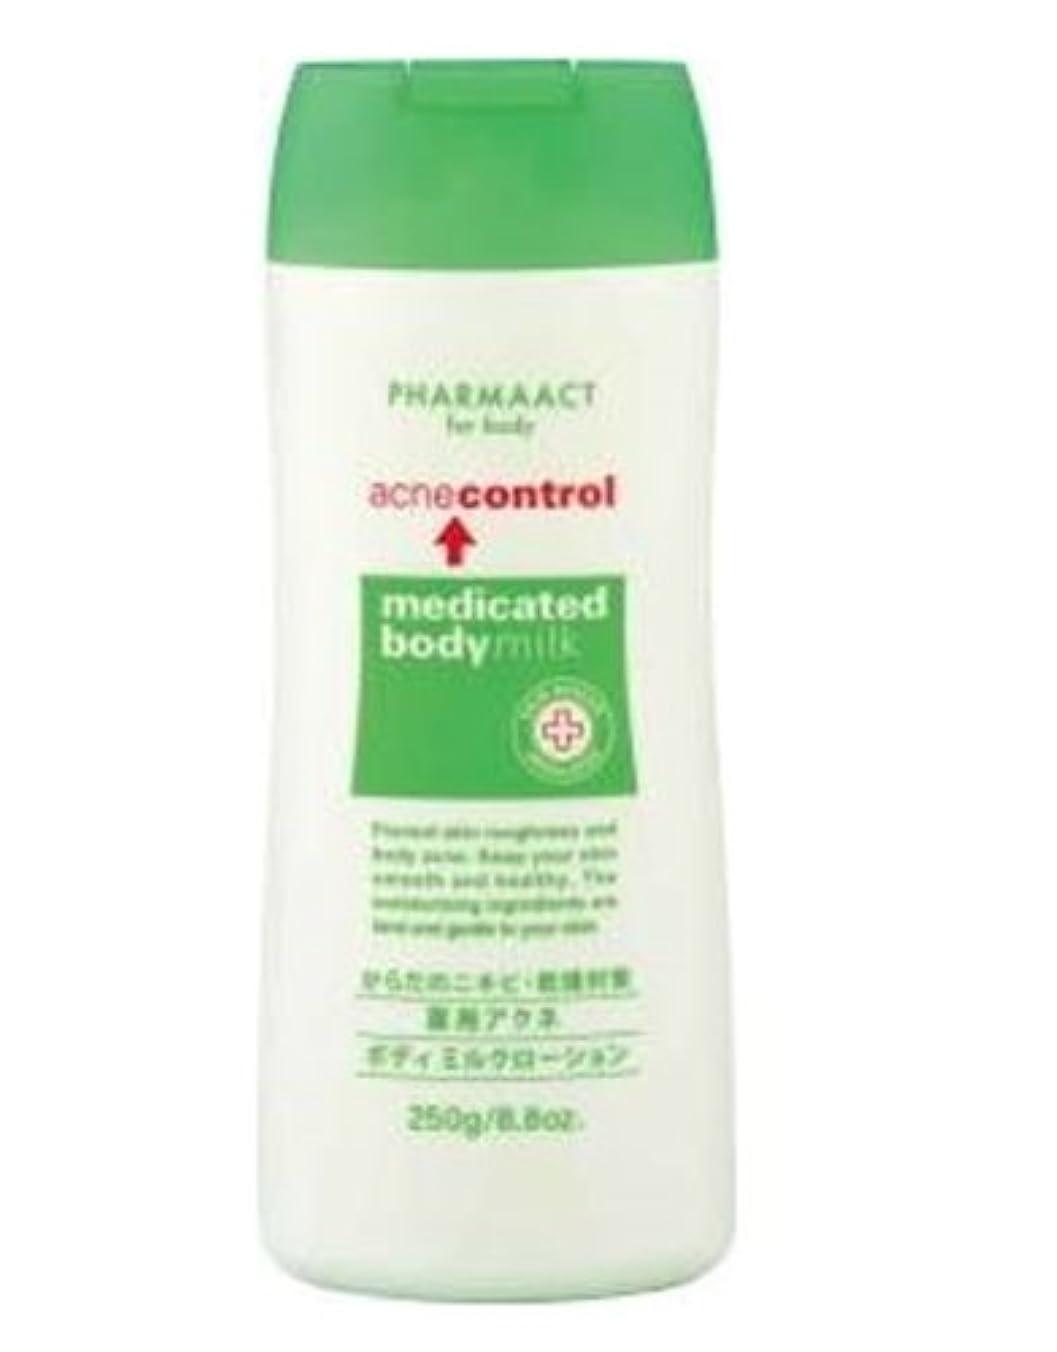 ボア令状物思いにふける熊野油脂  ファーマアクト 薬用アクネボディミルクローション 250g